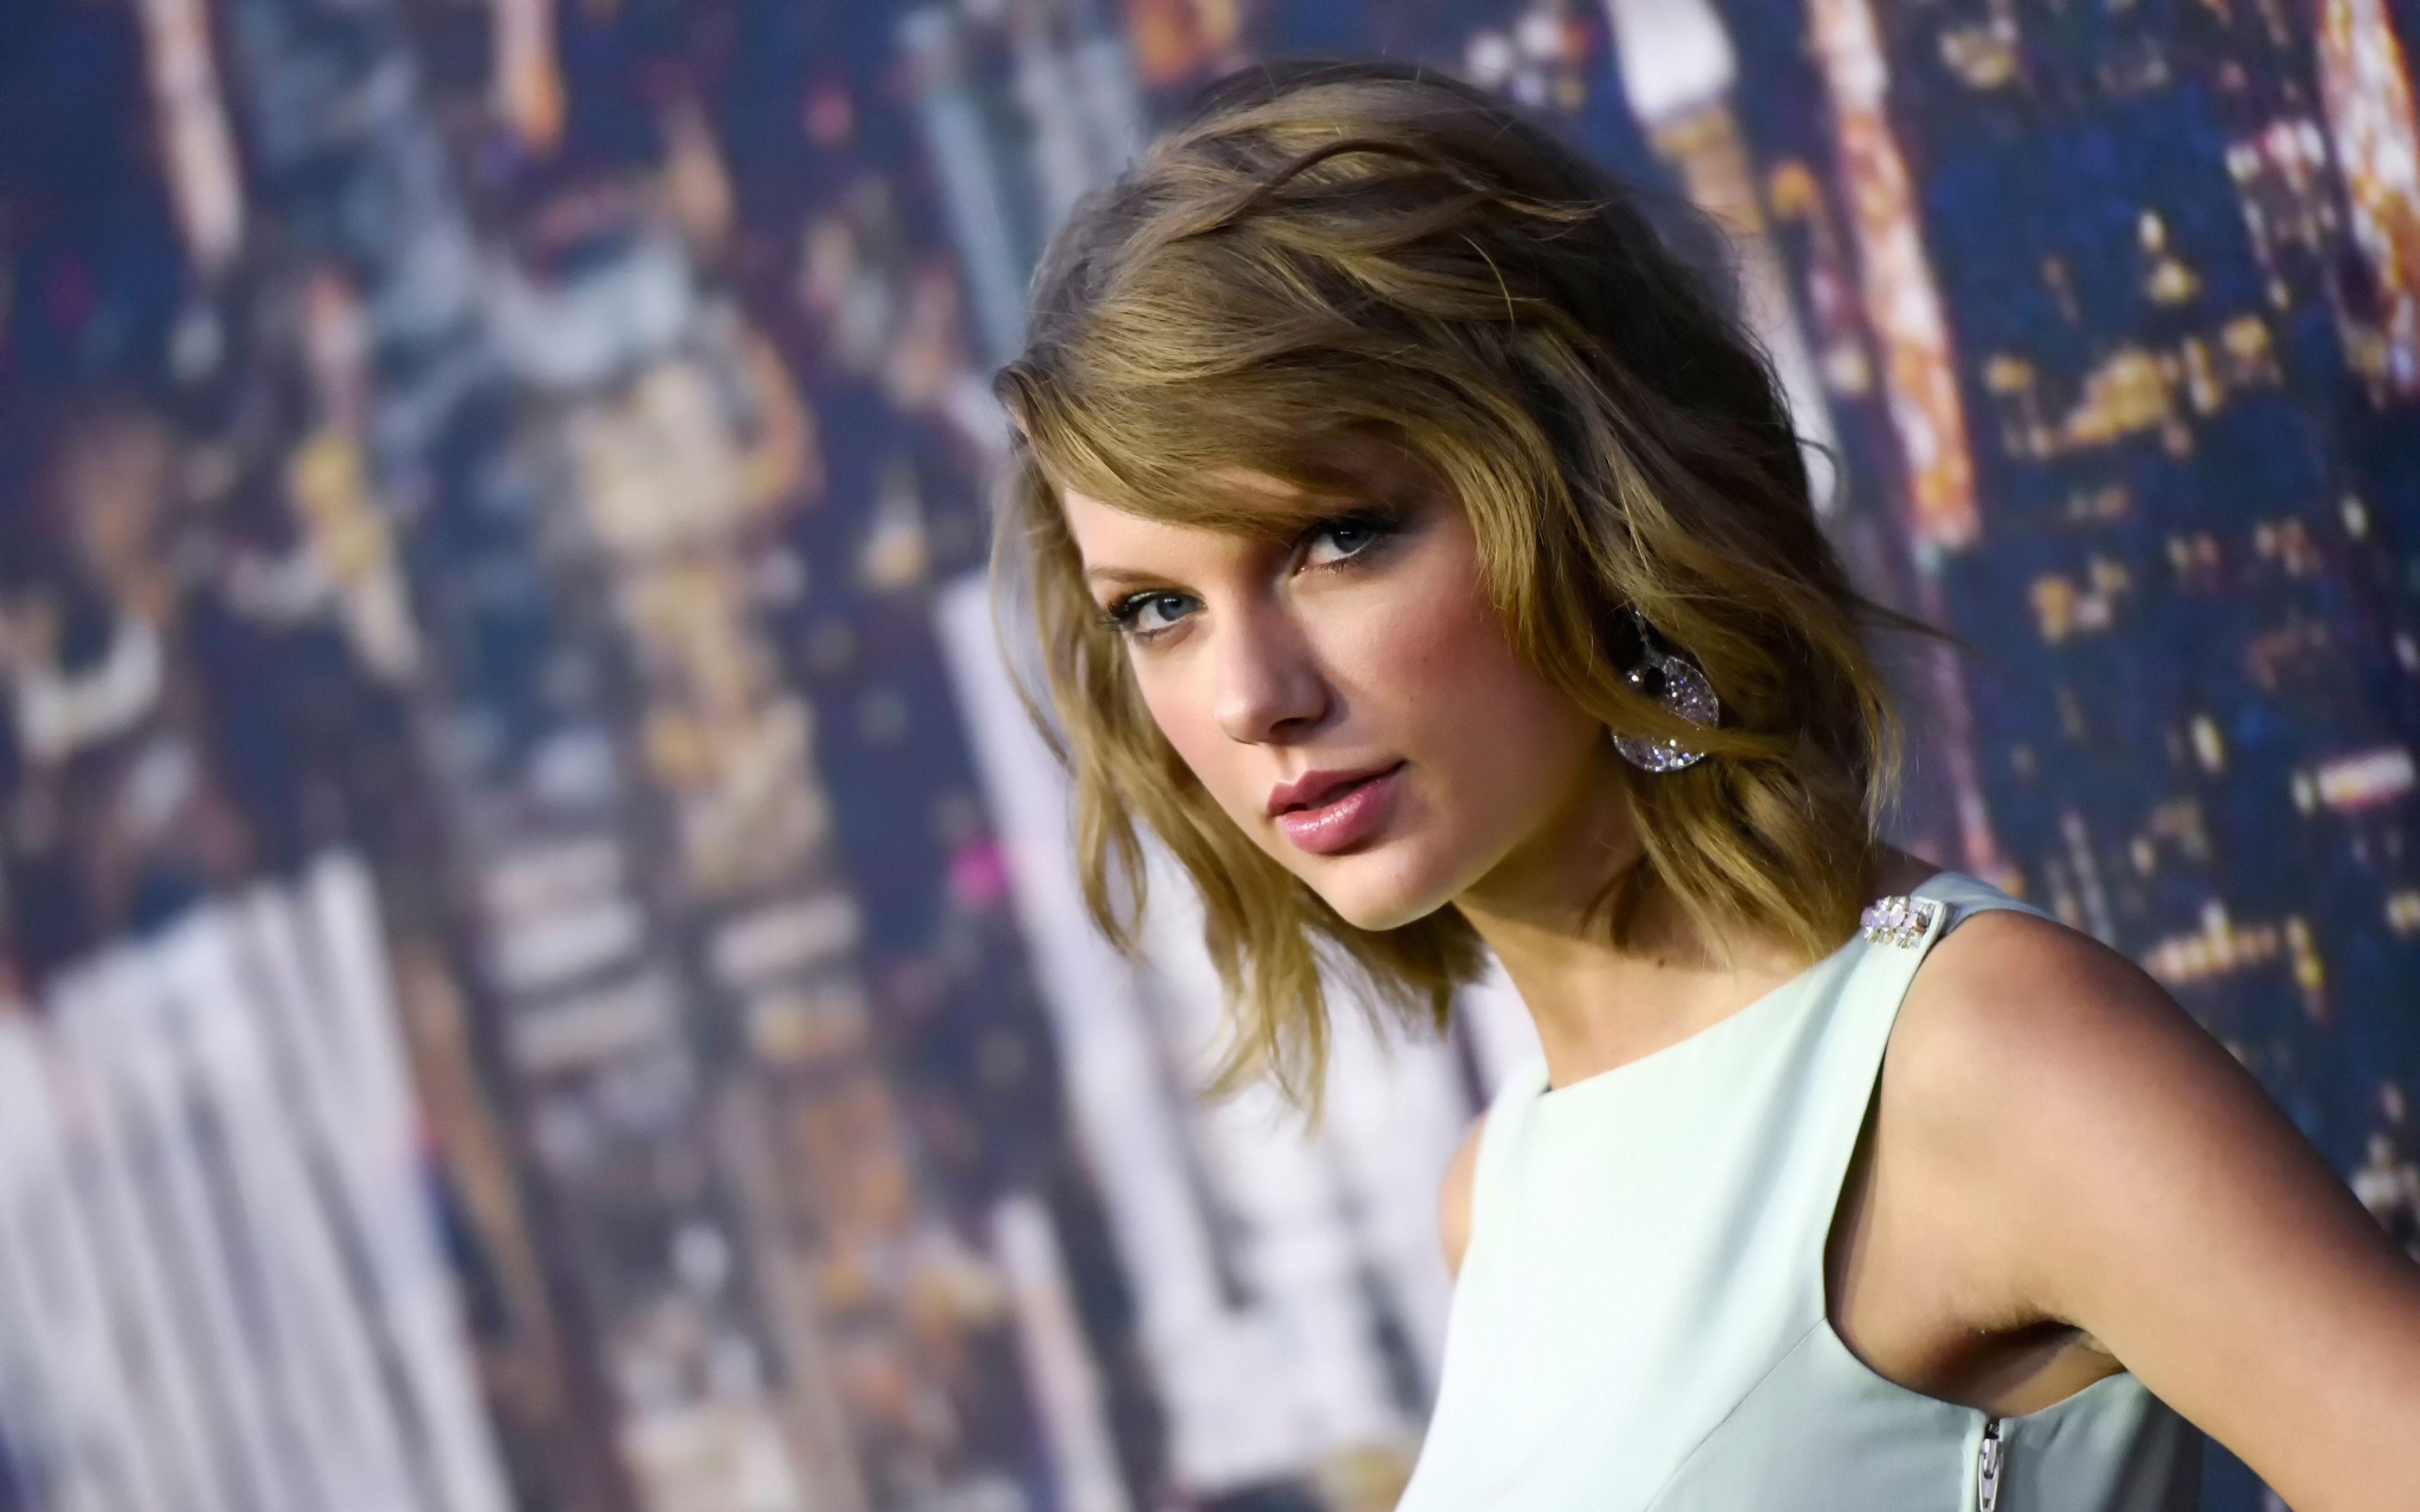 Ultra Hd 4k Taylor Swift Wallpapers Hd Desktop Backgrounds Taylor Swift 1989 Taylor Swift Celebrities